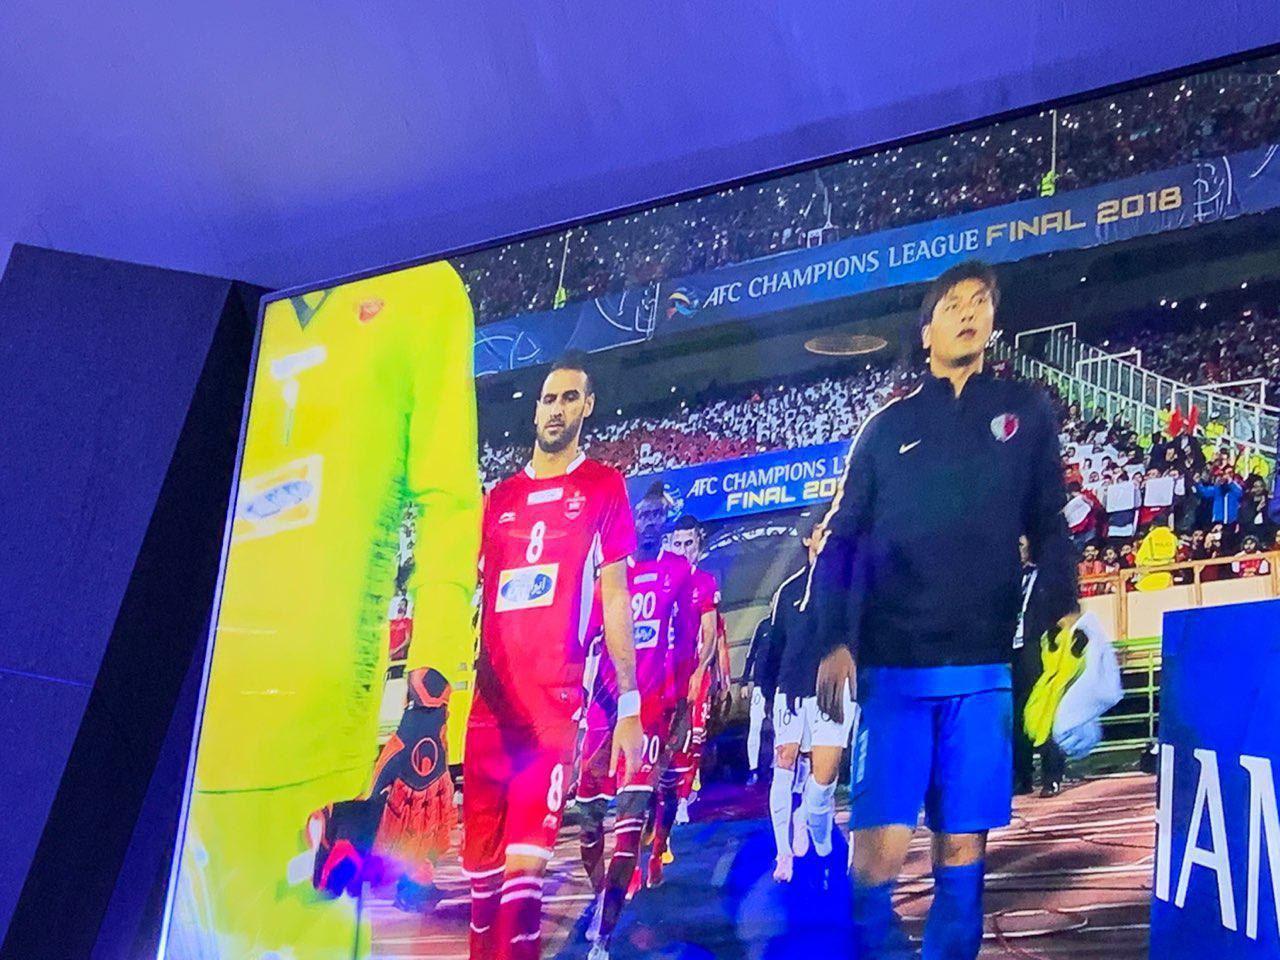 مراسم قرعه کشی لیگ قهرمانان آسیا ۲۰۱۹/ گزارش لحظه به لحظه